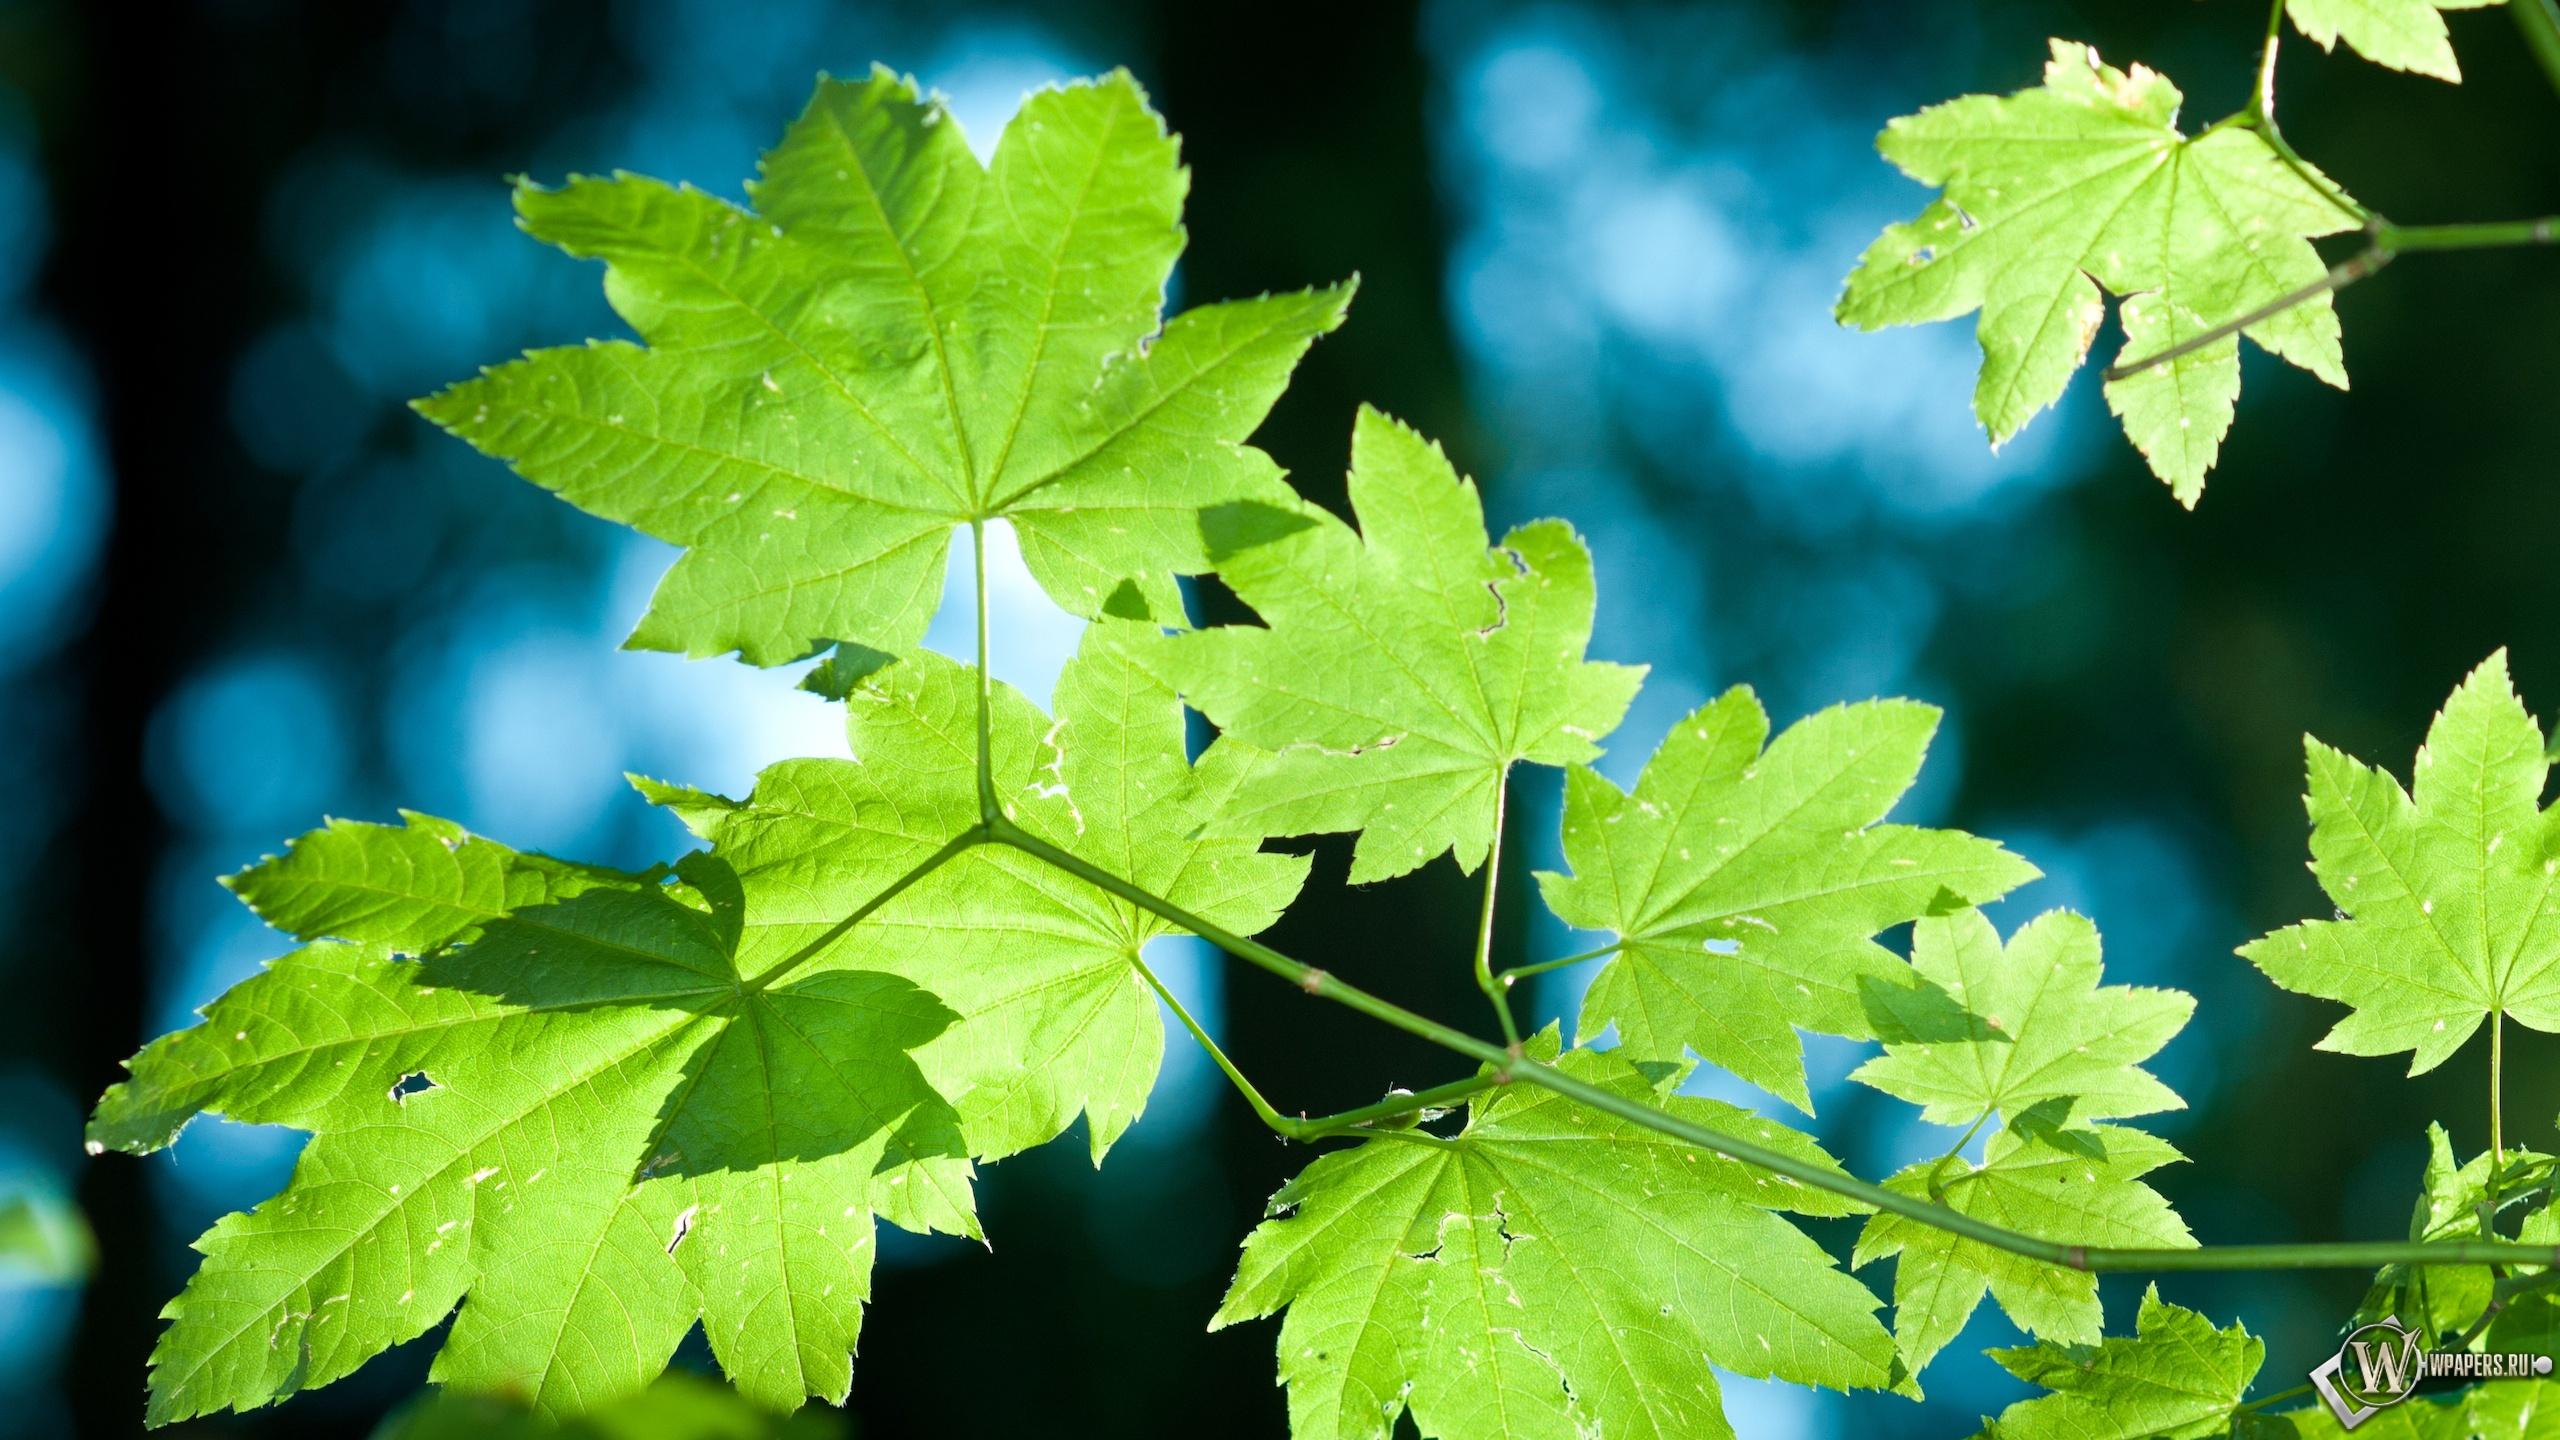 Обои зелёные кленовые листья деревья